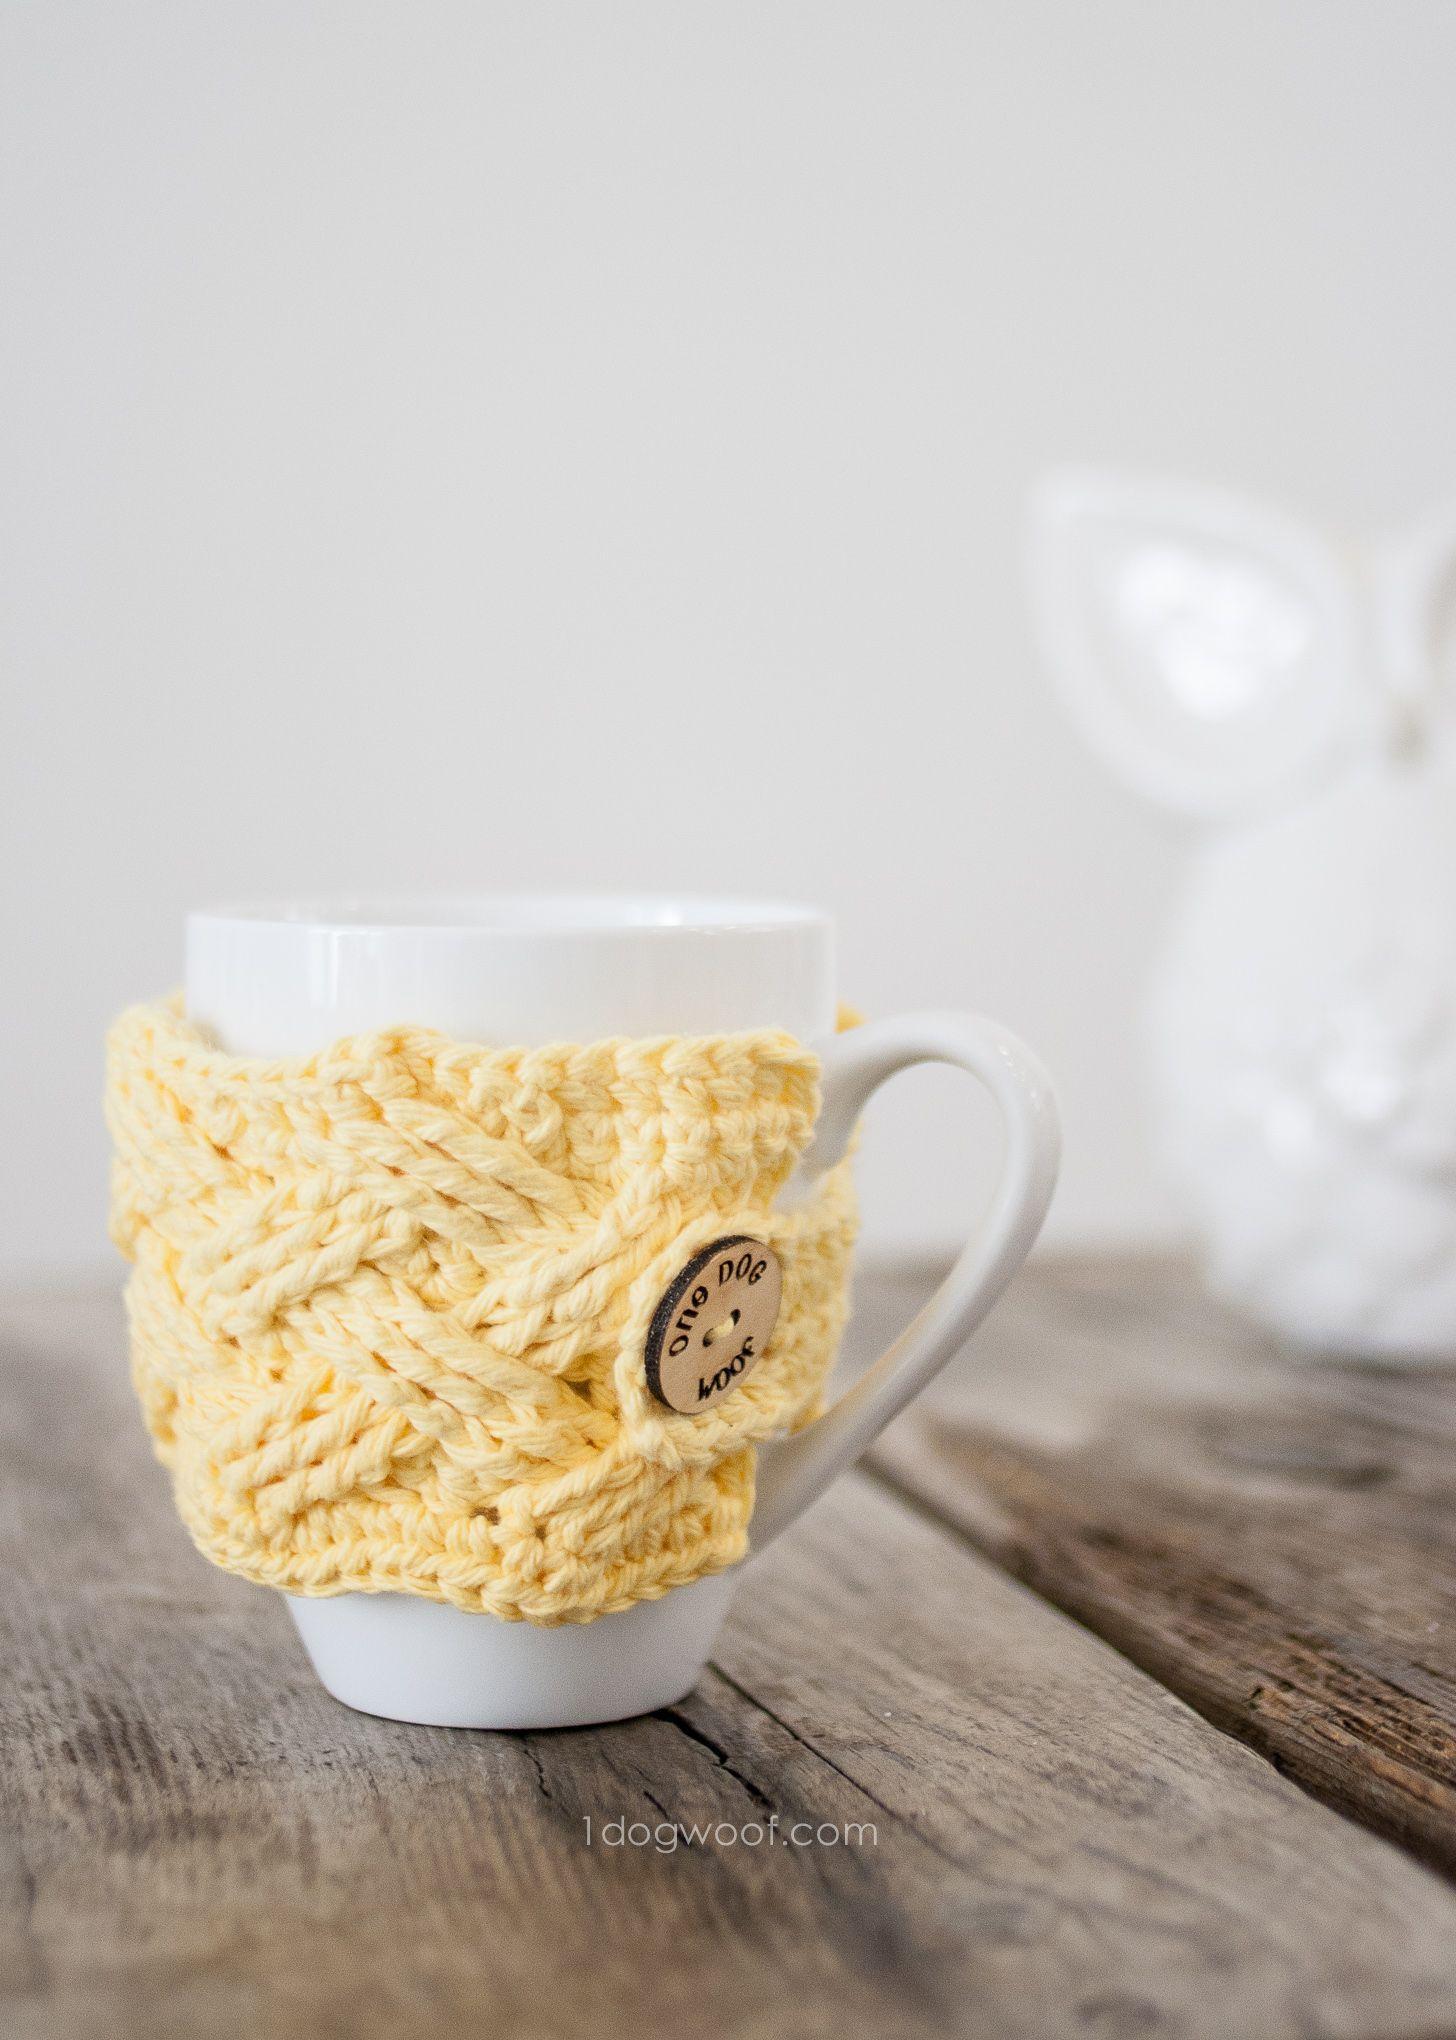 Woven Cables Mug Cozy Crochet Pattern | Vasos, Labores y Tejido